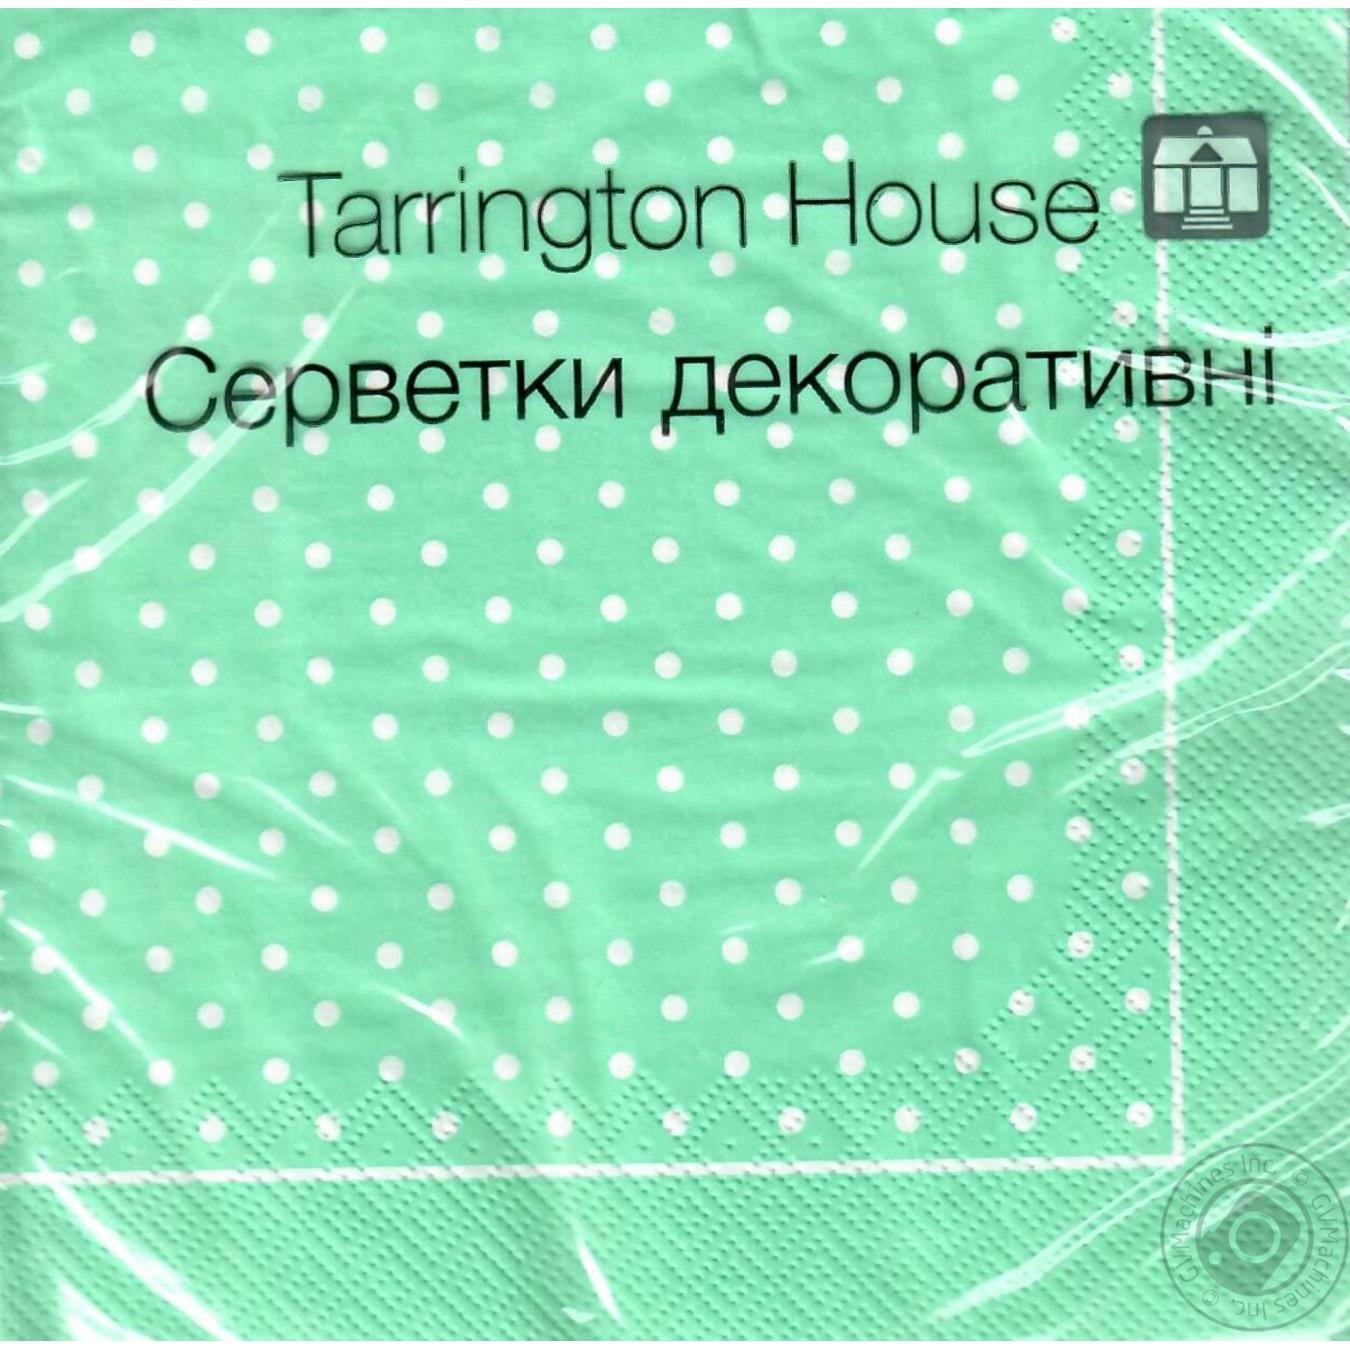 Купить 623, Салфетки Tarrington House Горошки 33*33 трехслойные 18шт